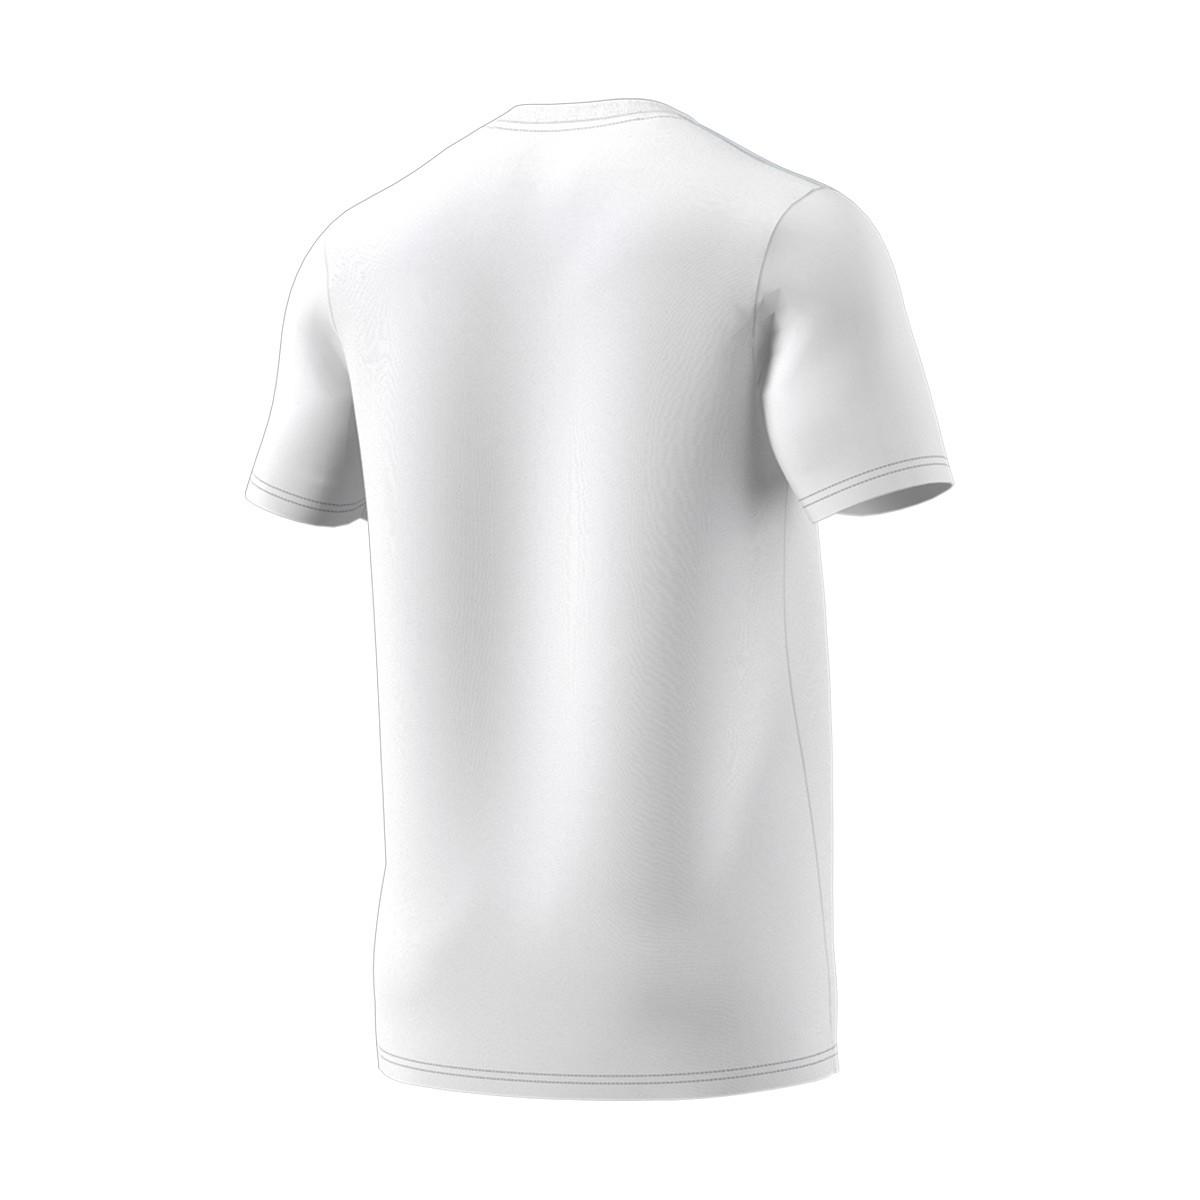 Imaginación Representar garra  Camiseta adidas Campeon 19 m/c White - Tienda de fútbol Fútbol Emotion